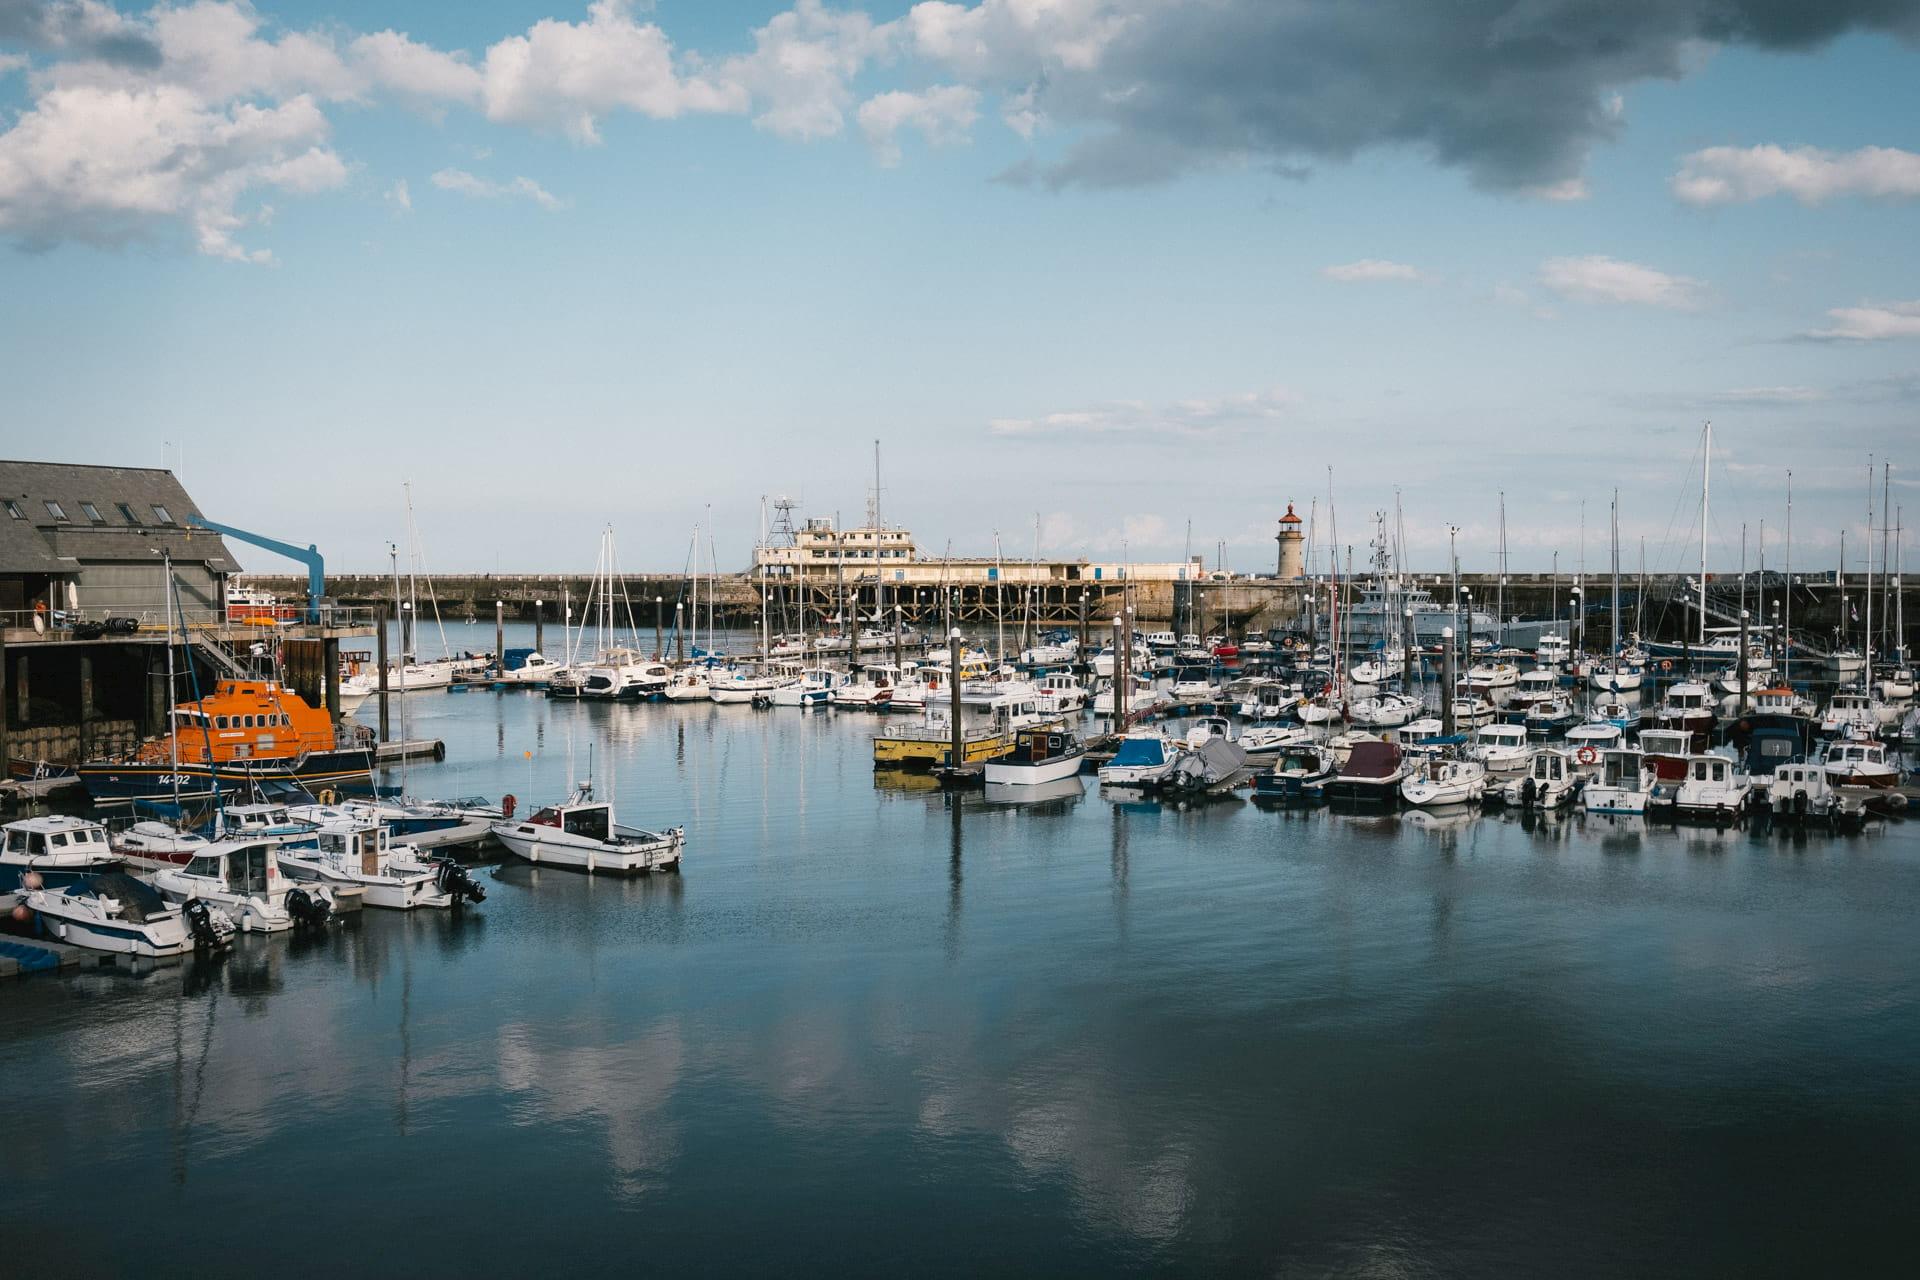 Port de Ramsgate : Le Royal Harbour Marina